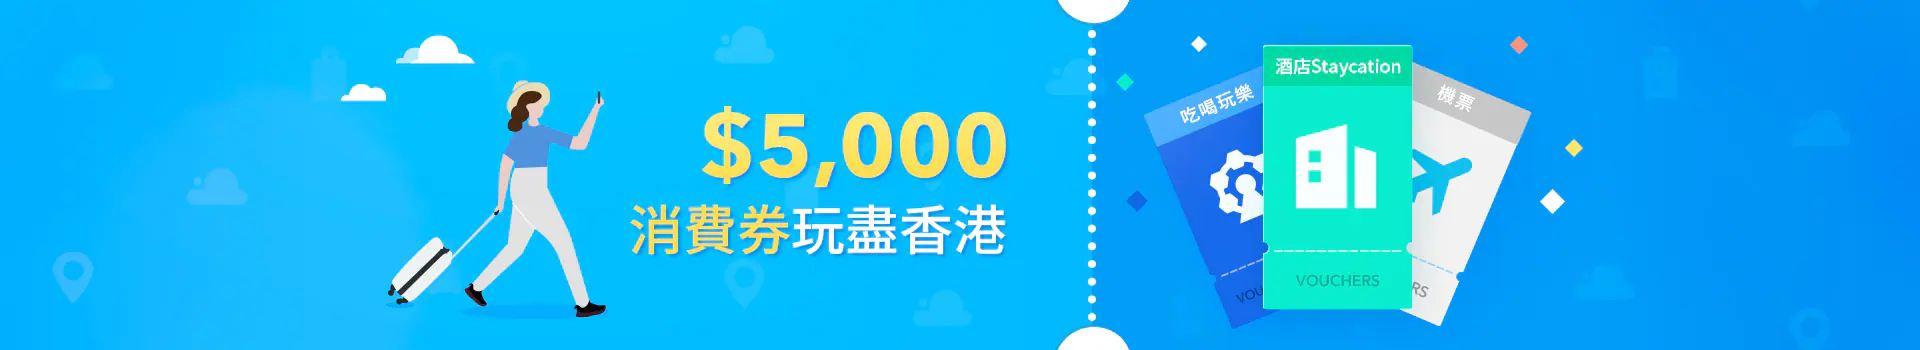 HongKong $5000 consumption voucher